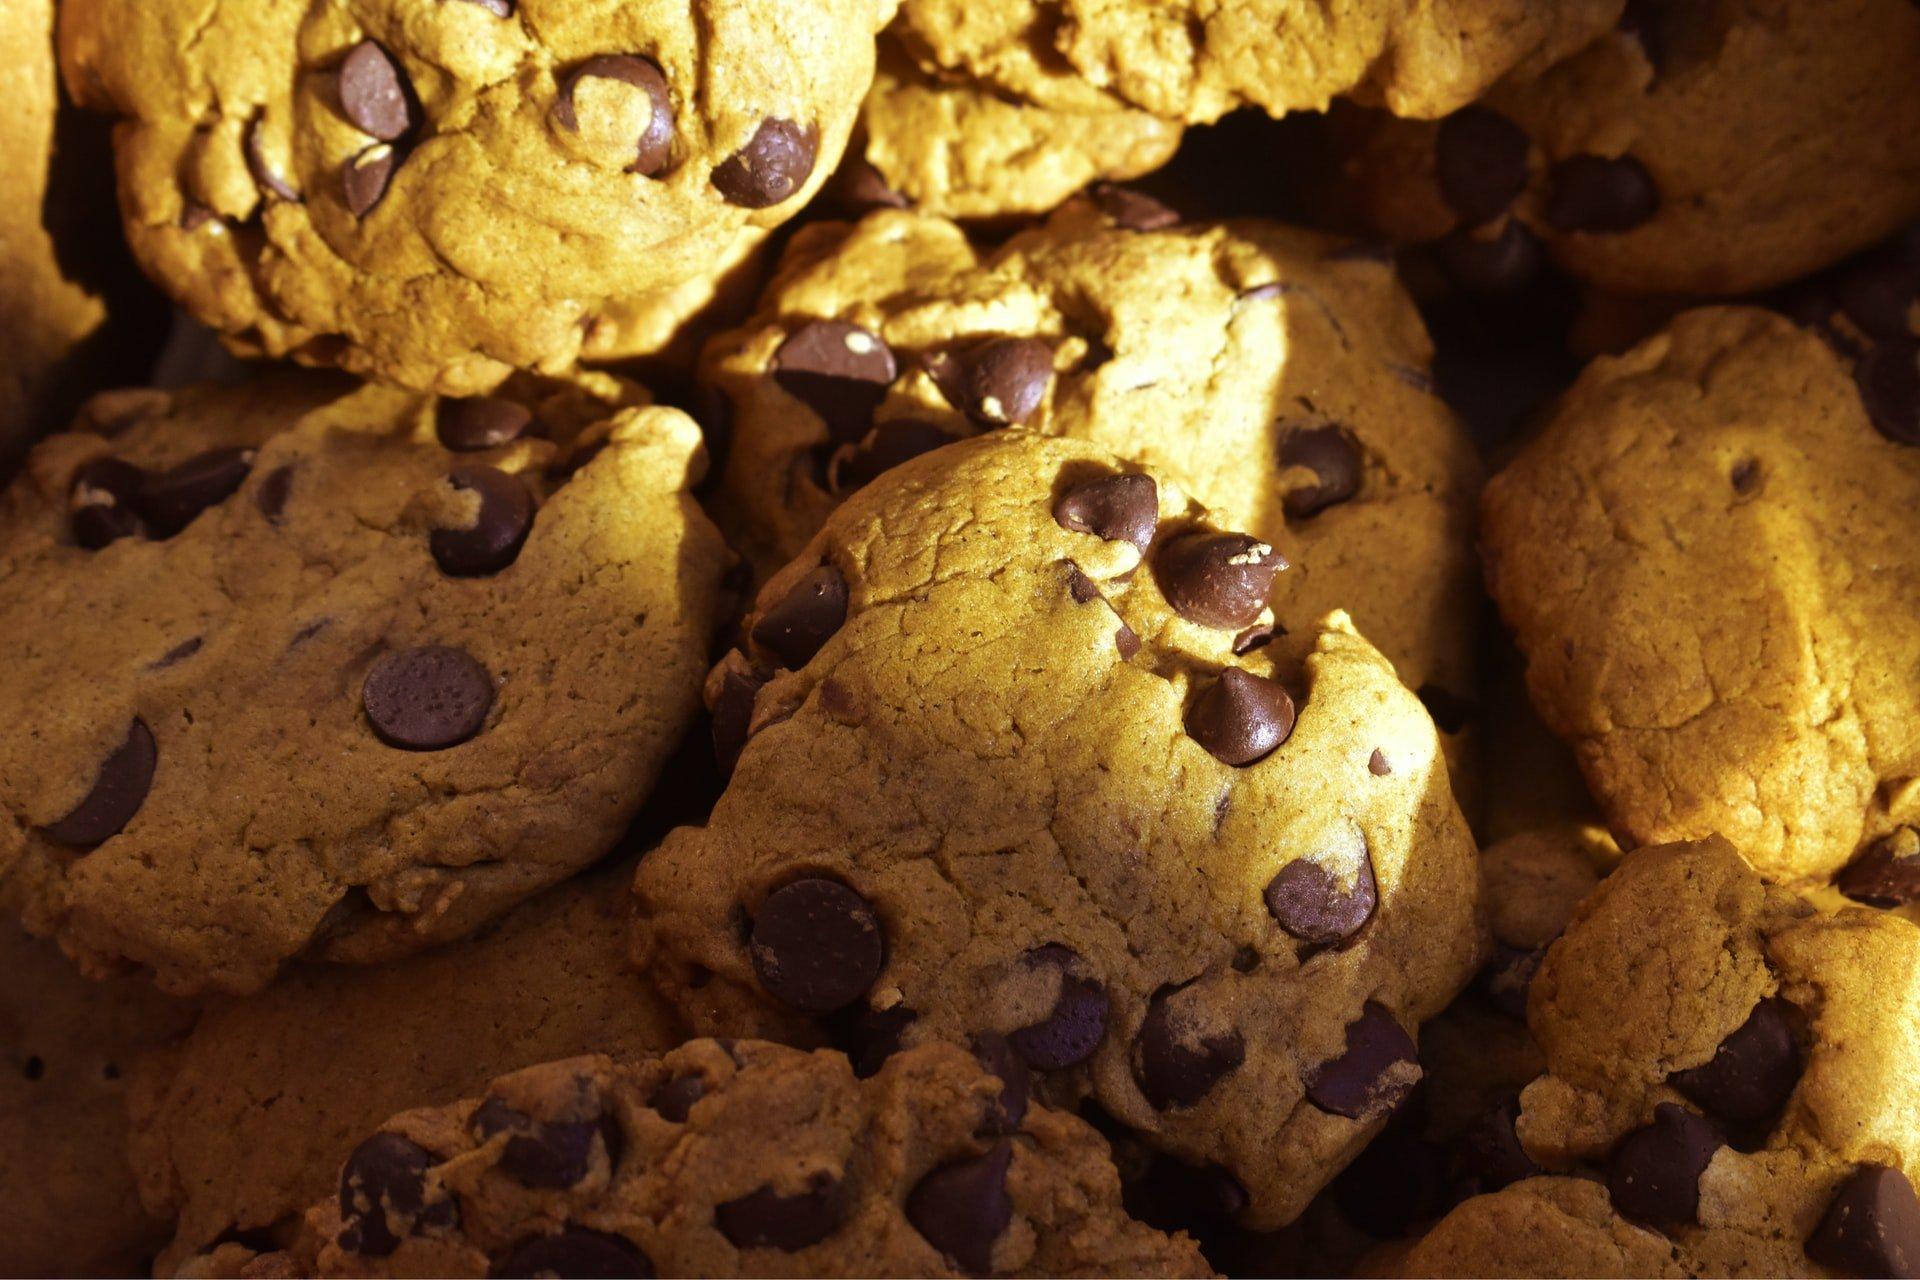 Čokoladni piškoti ampak v posodi za kosmiče in z mlekom